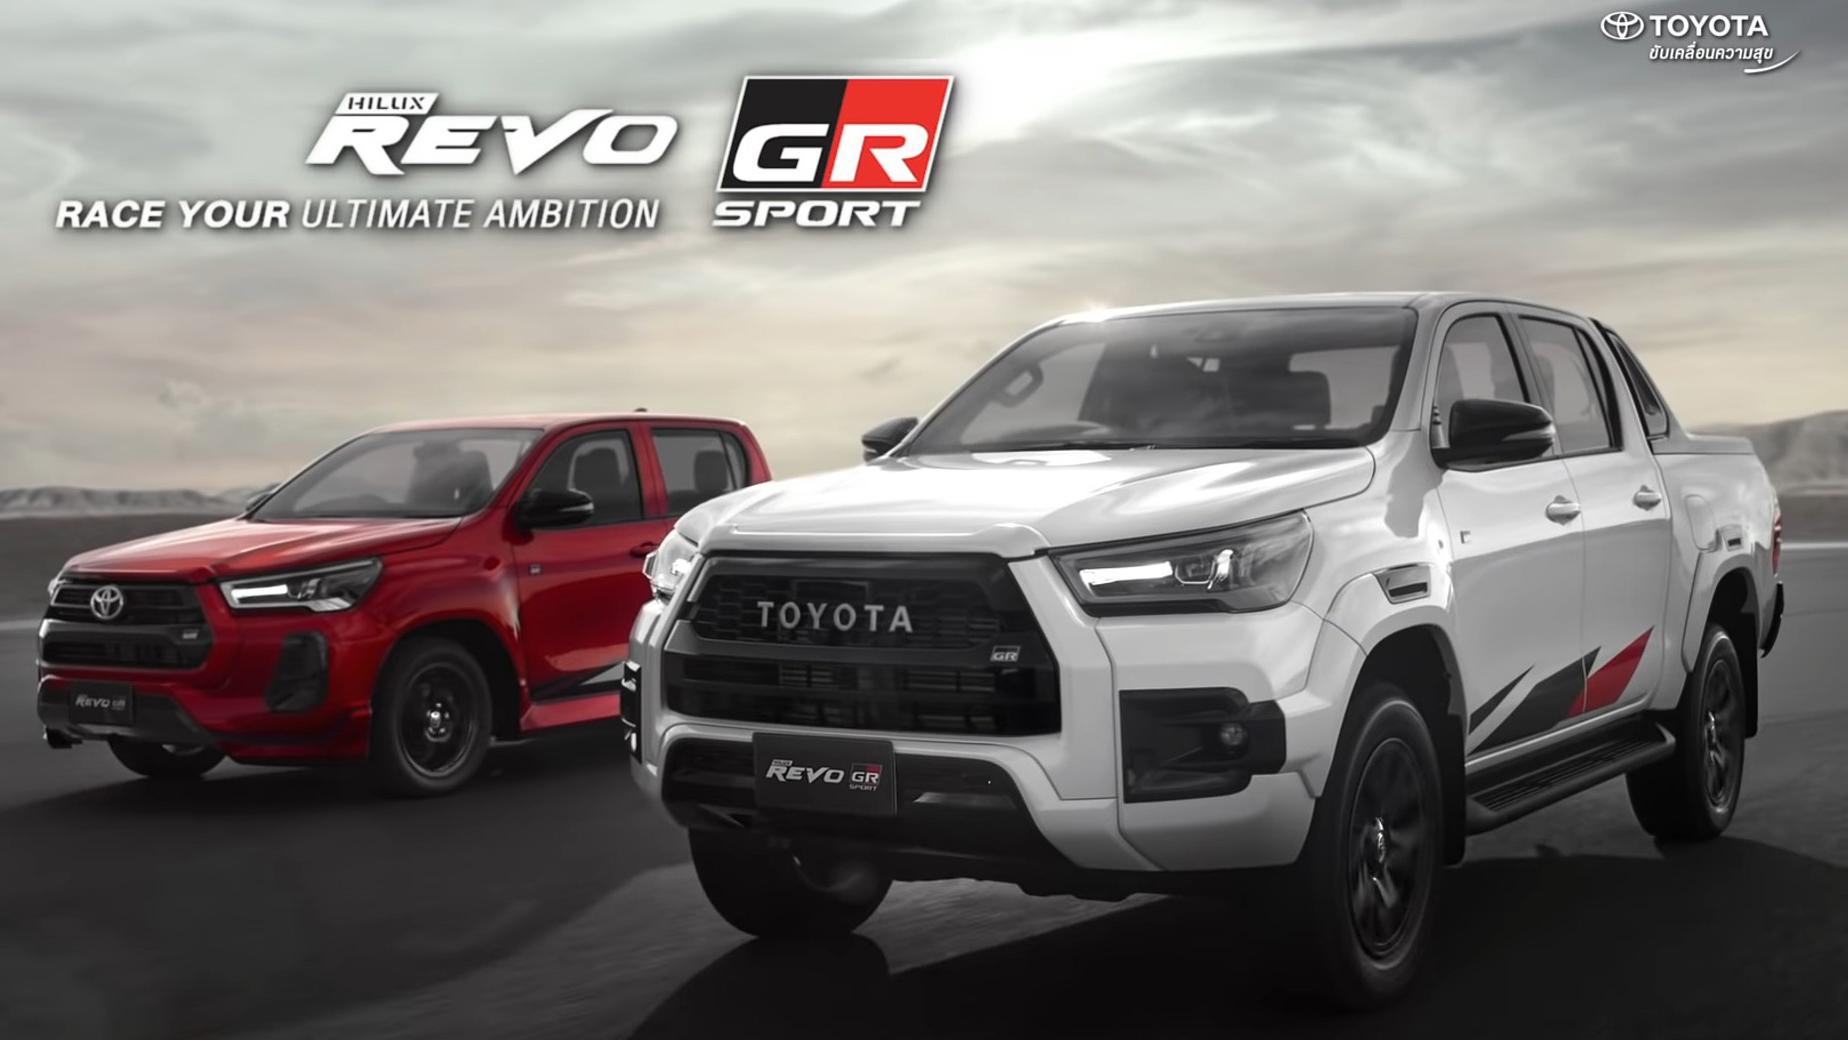 Duas Toyota Hilux Revo GR Sport vermelha e branca vistas 3/4 de frente